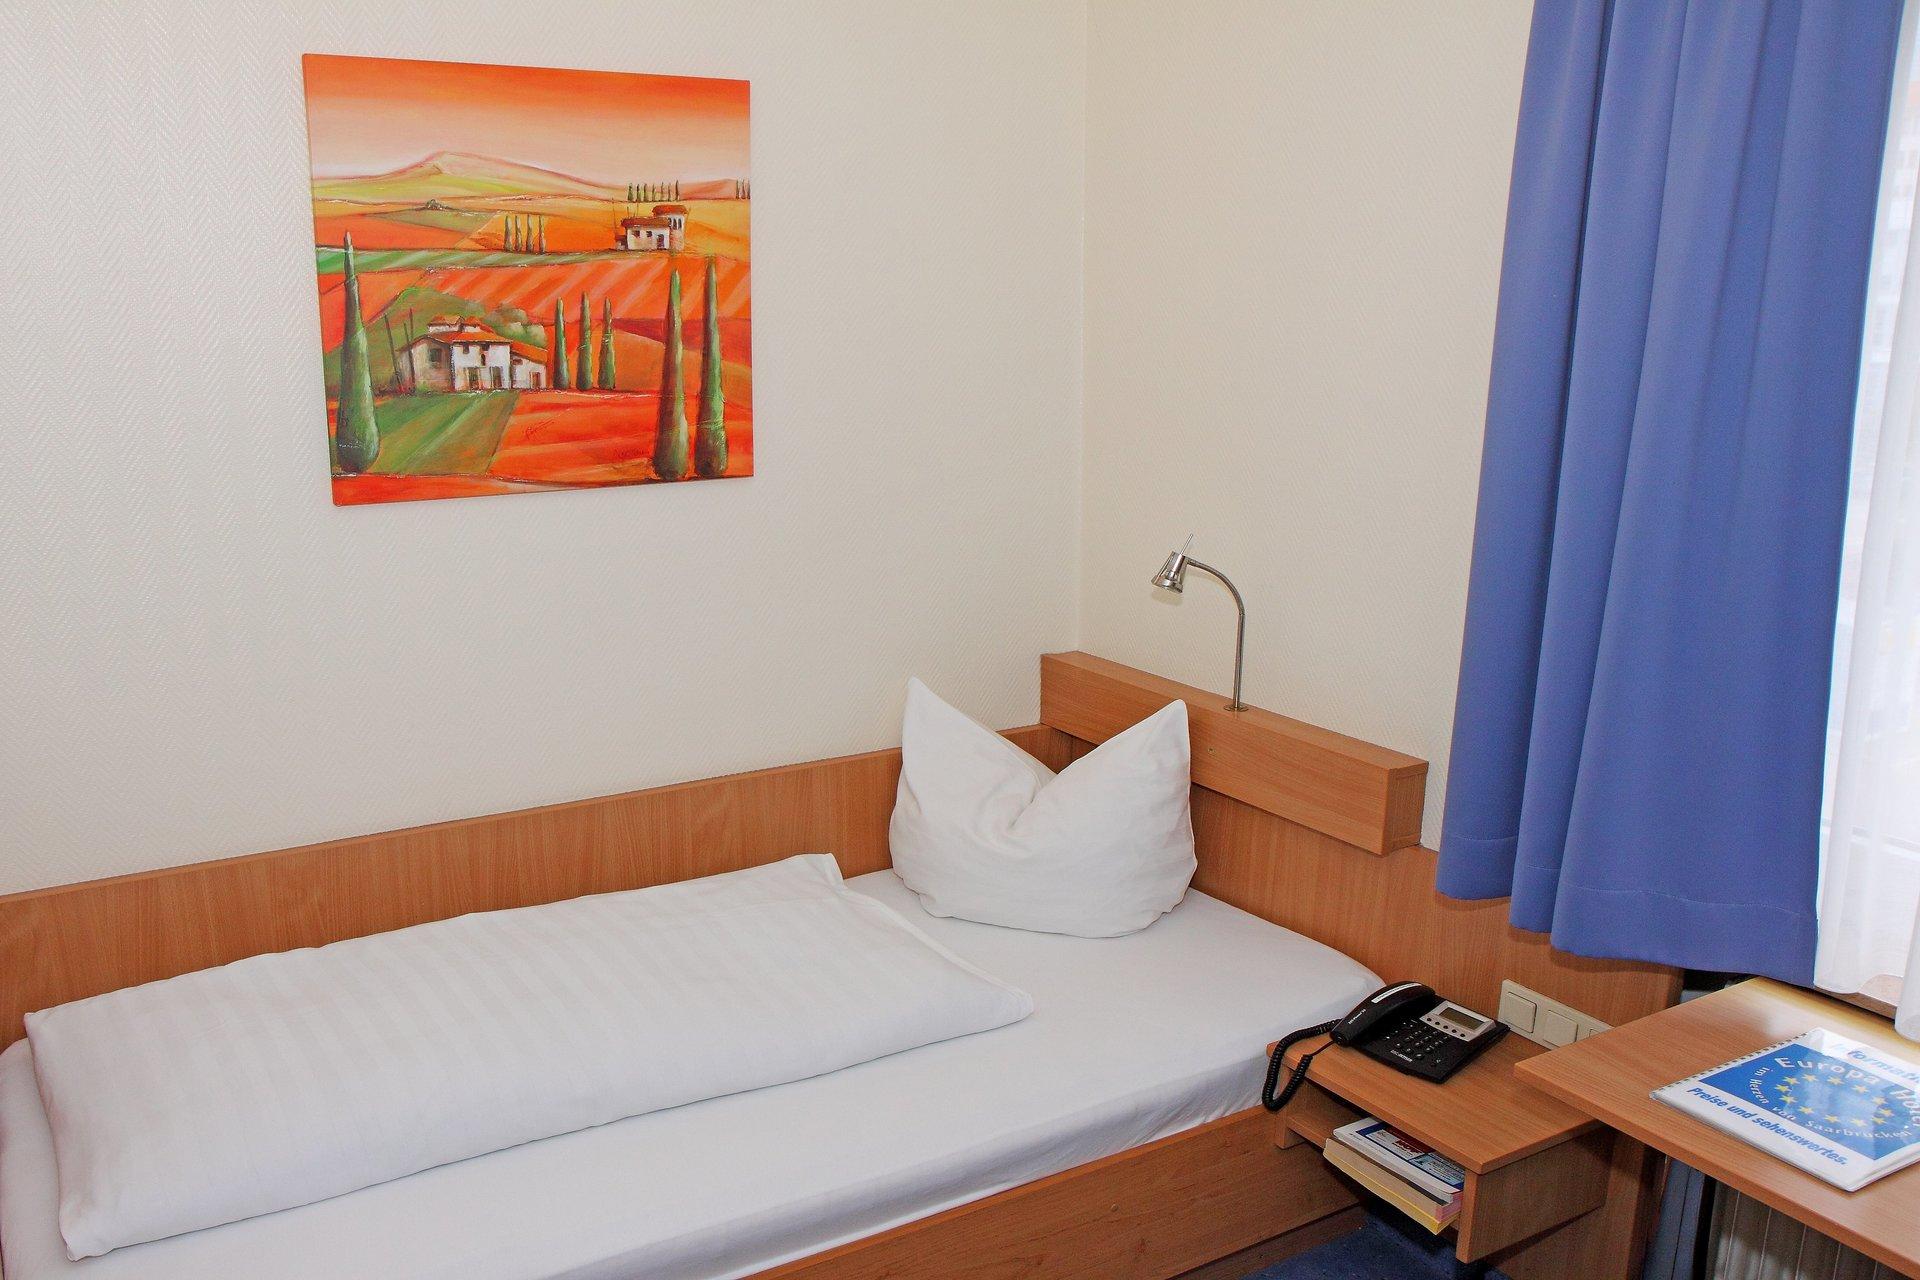 EINZELZIMMER SAARBRÜCKEN EUROPA HOTEL